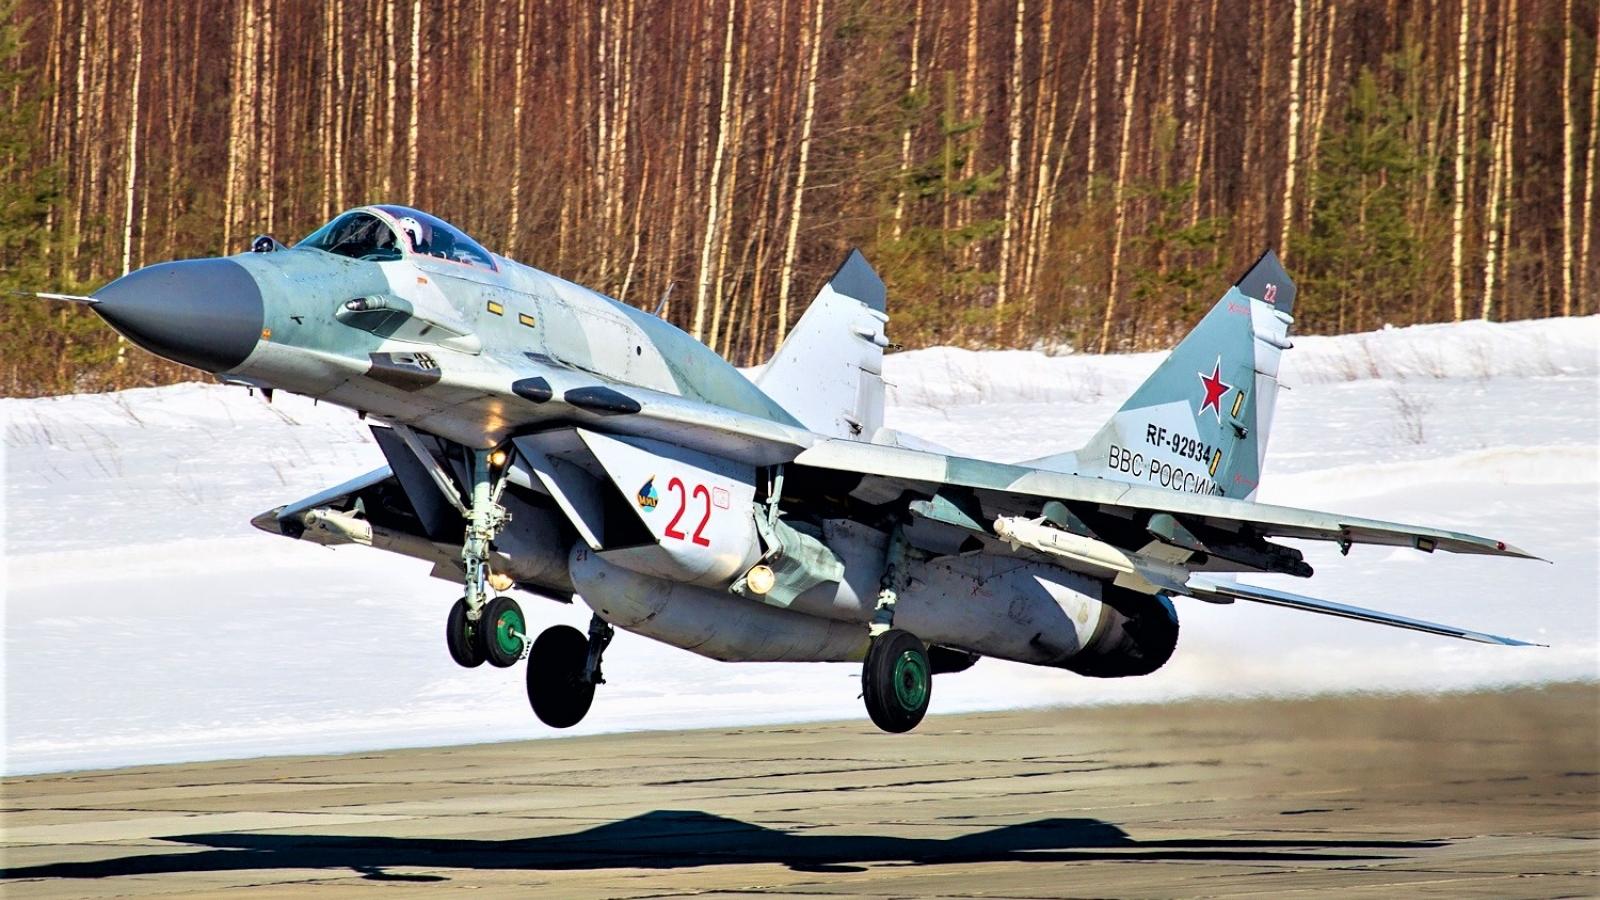 Hé lộ cách Mỹ và Israel có được máy bay chiến đấu MiG-29